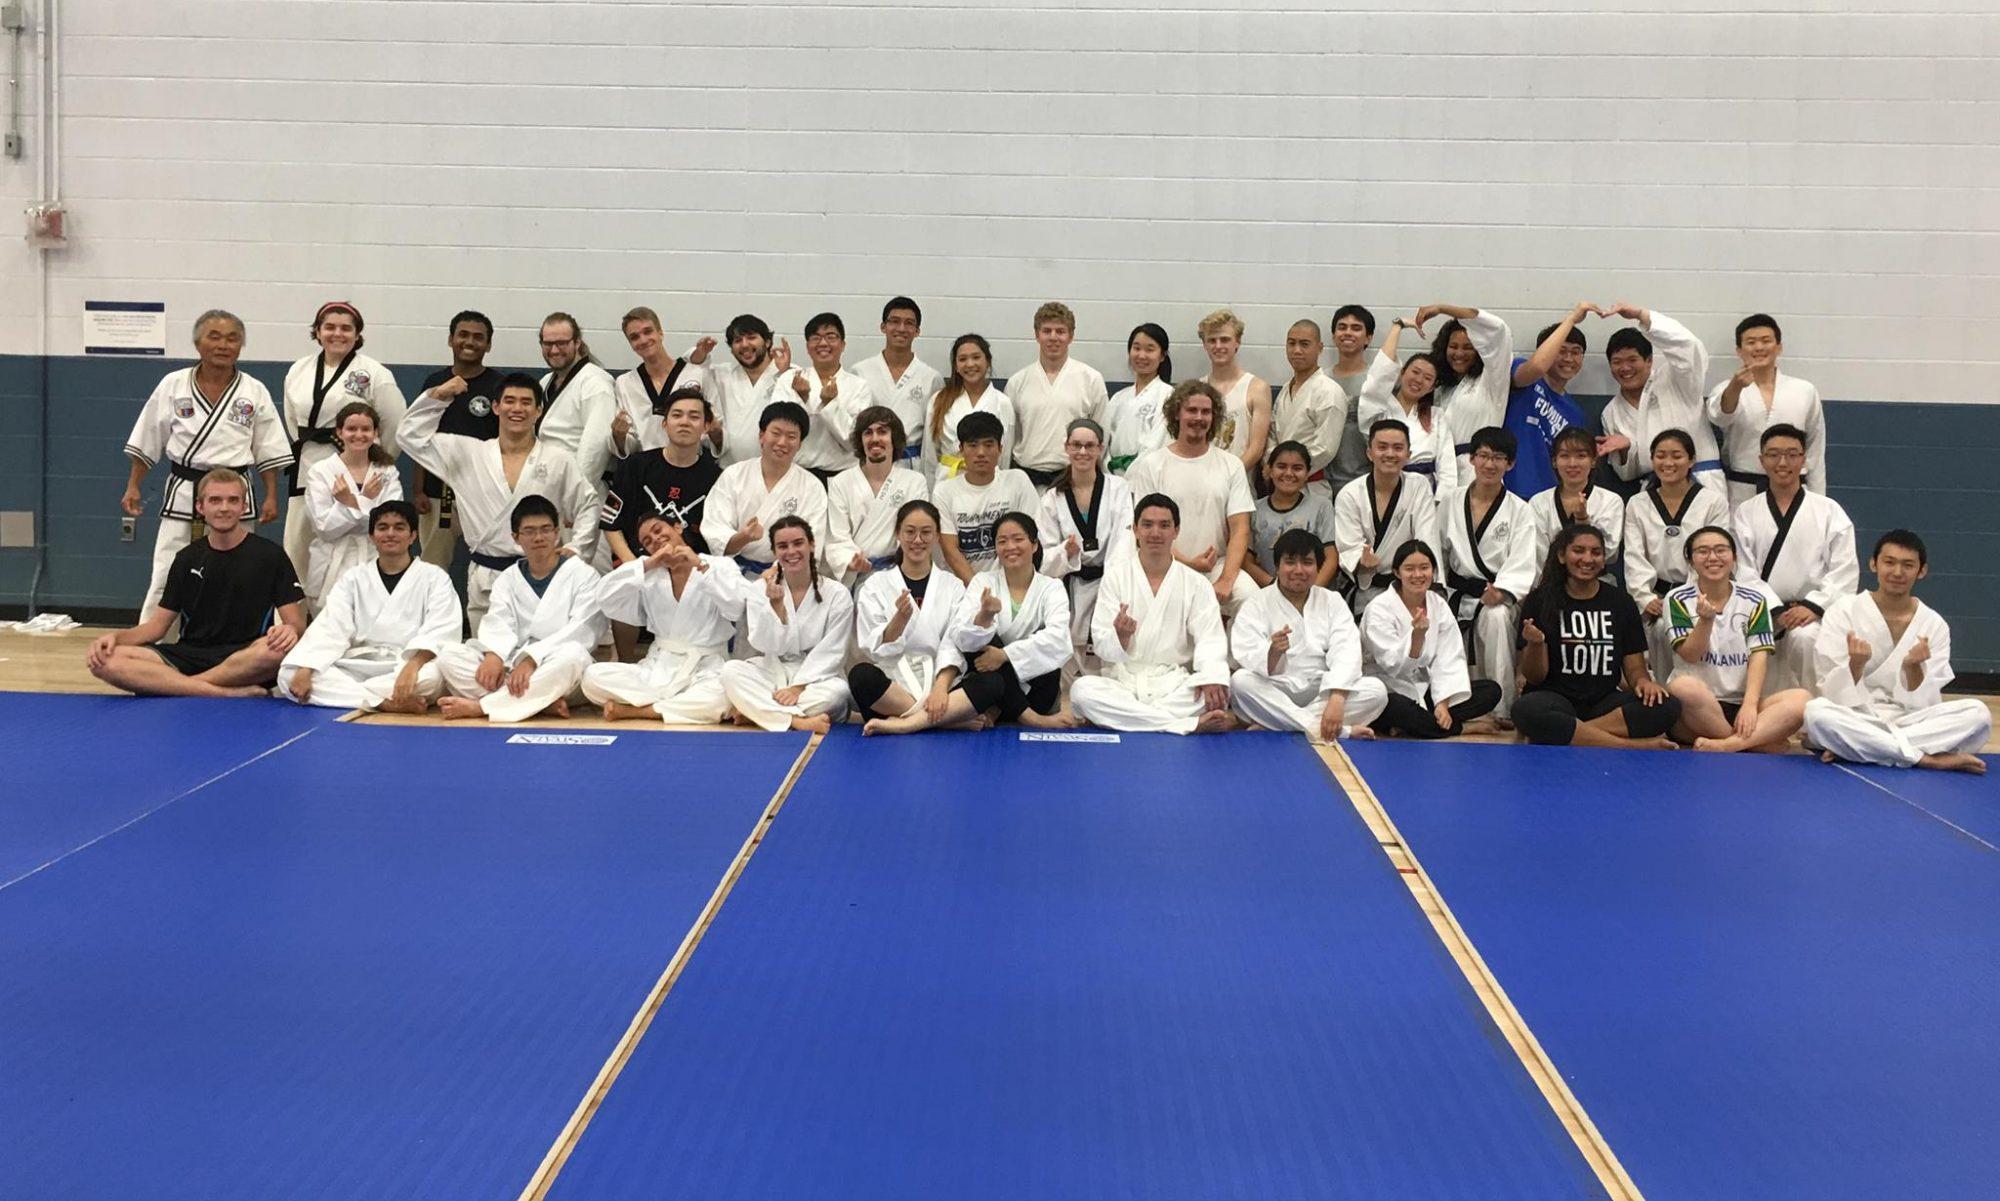 Illini Taekwondo Club